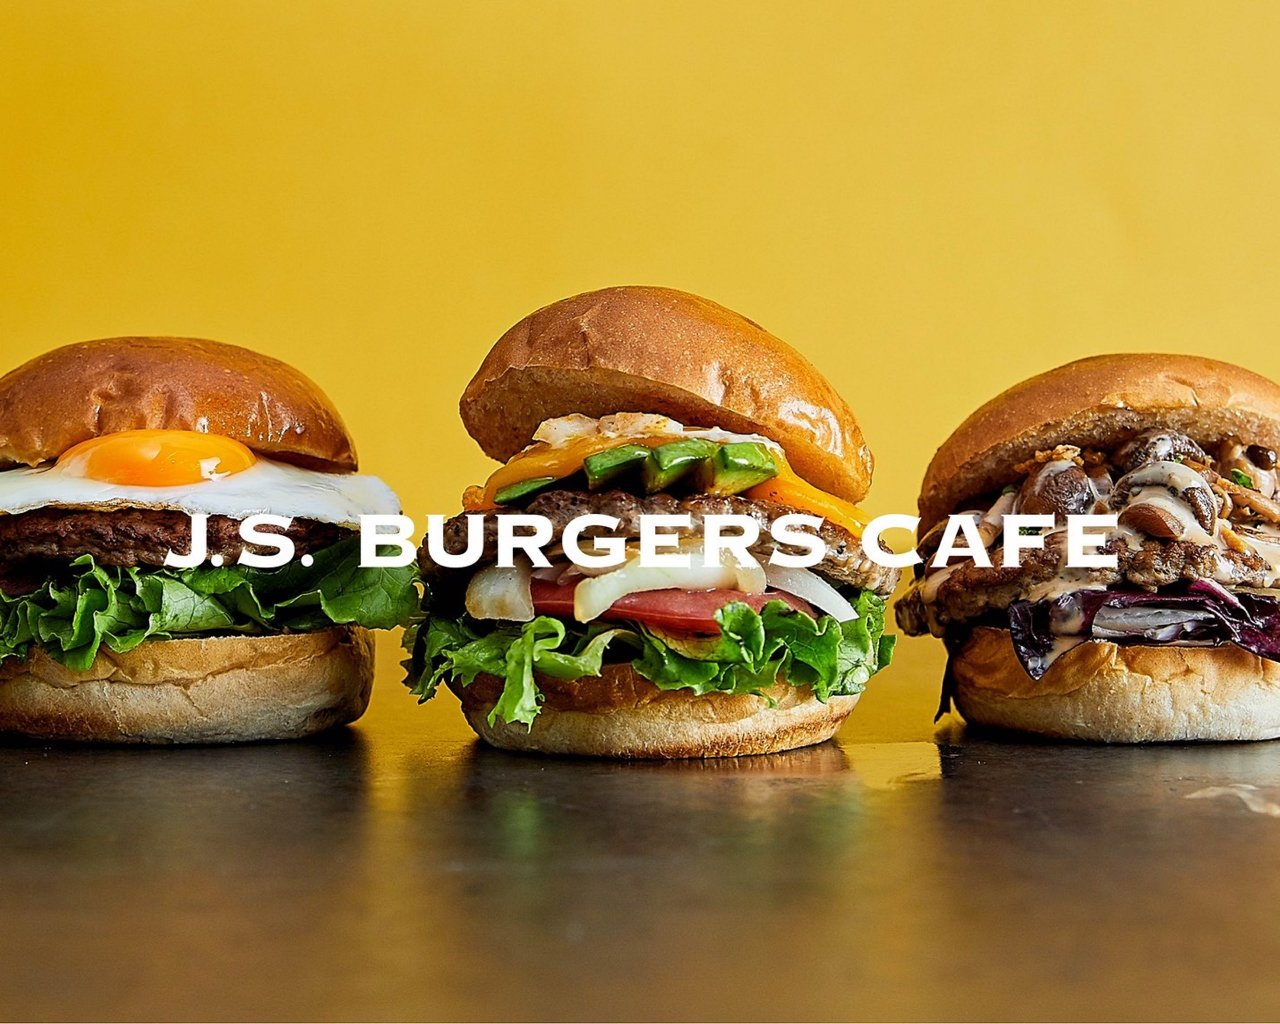 J.S. BURGERS CAFE/ J.S. BEER GARDEN